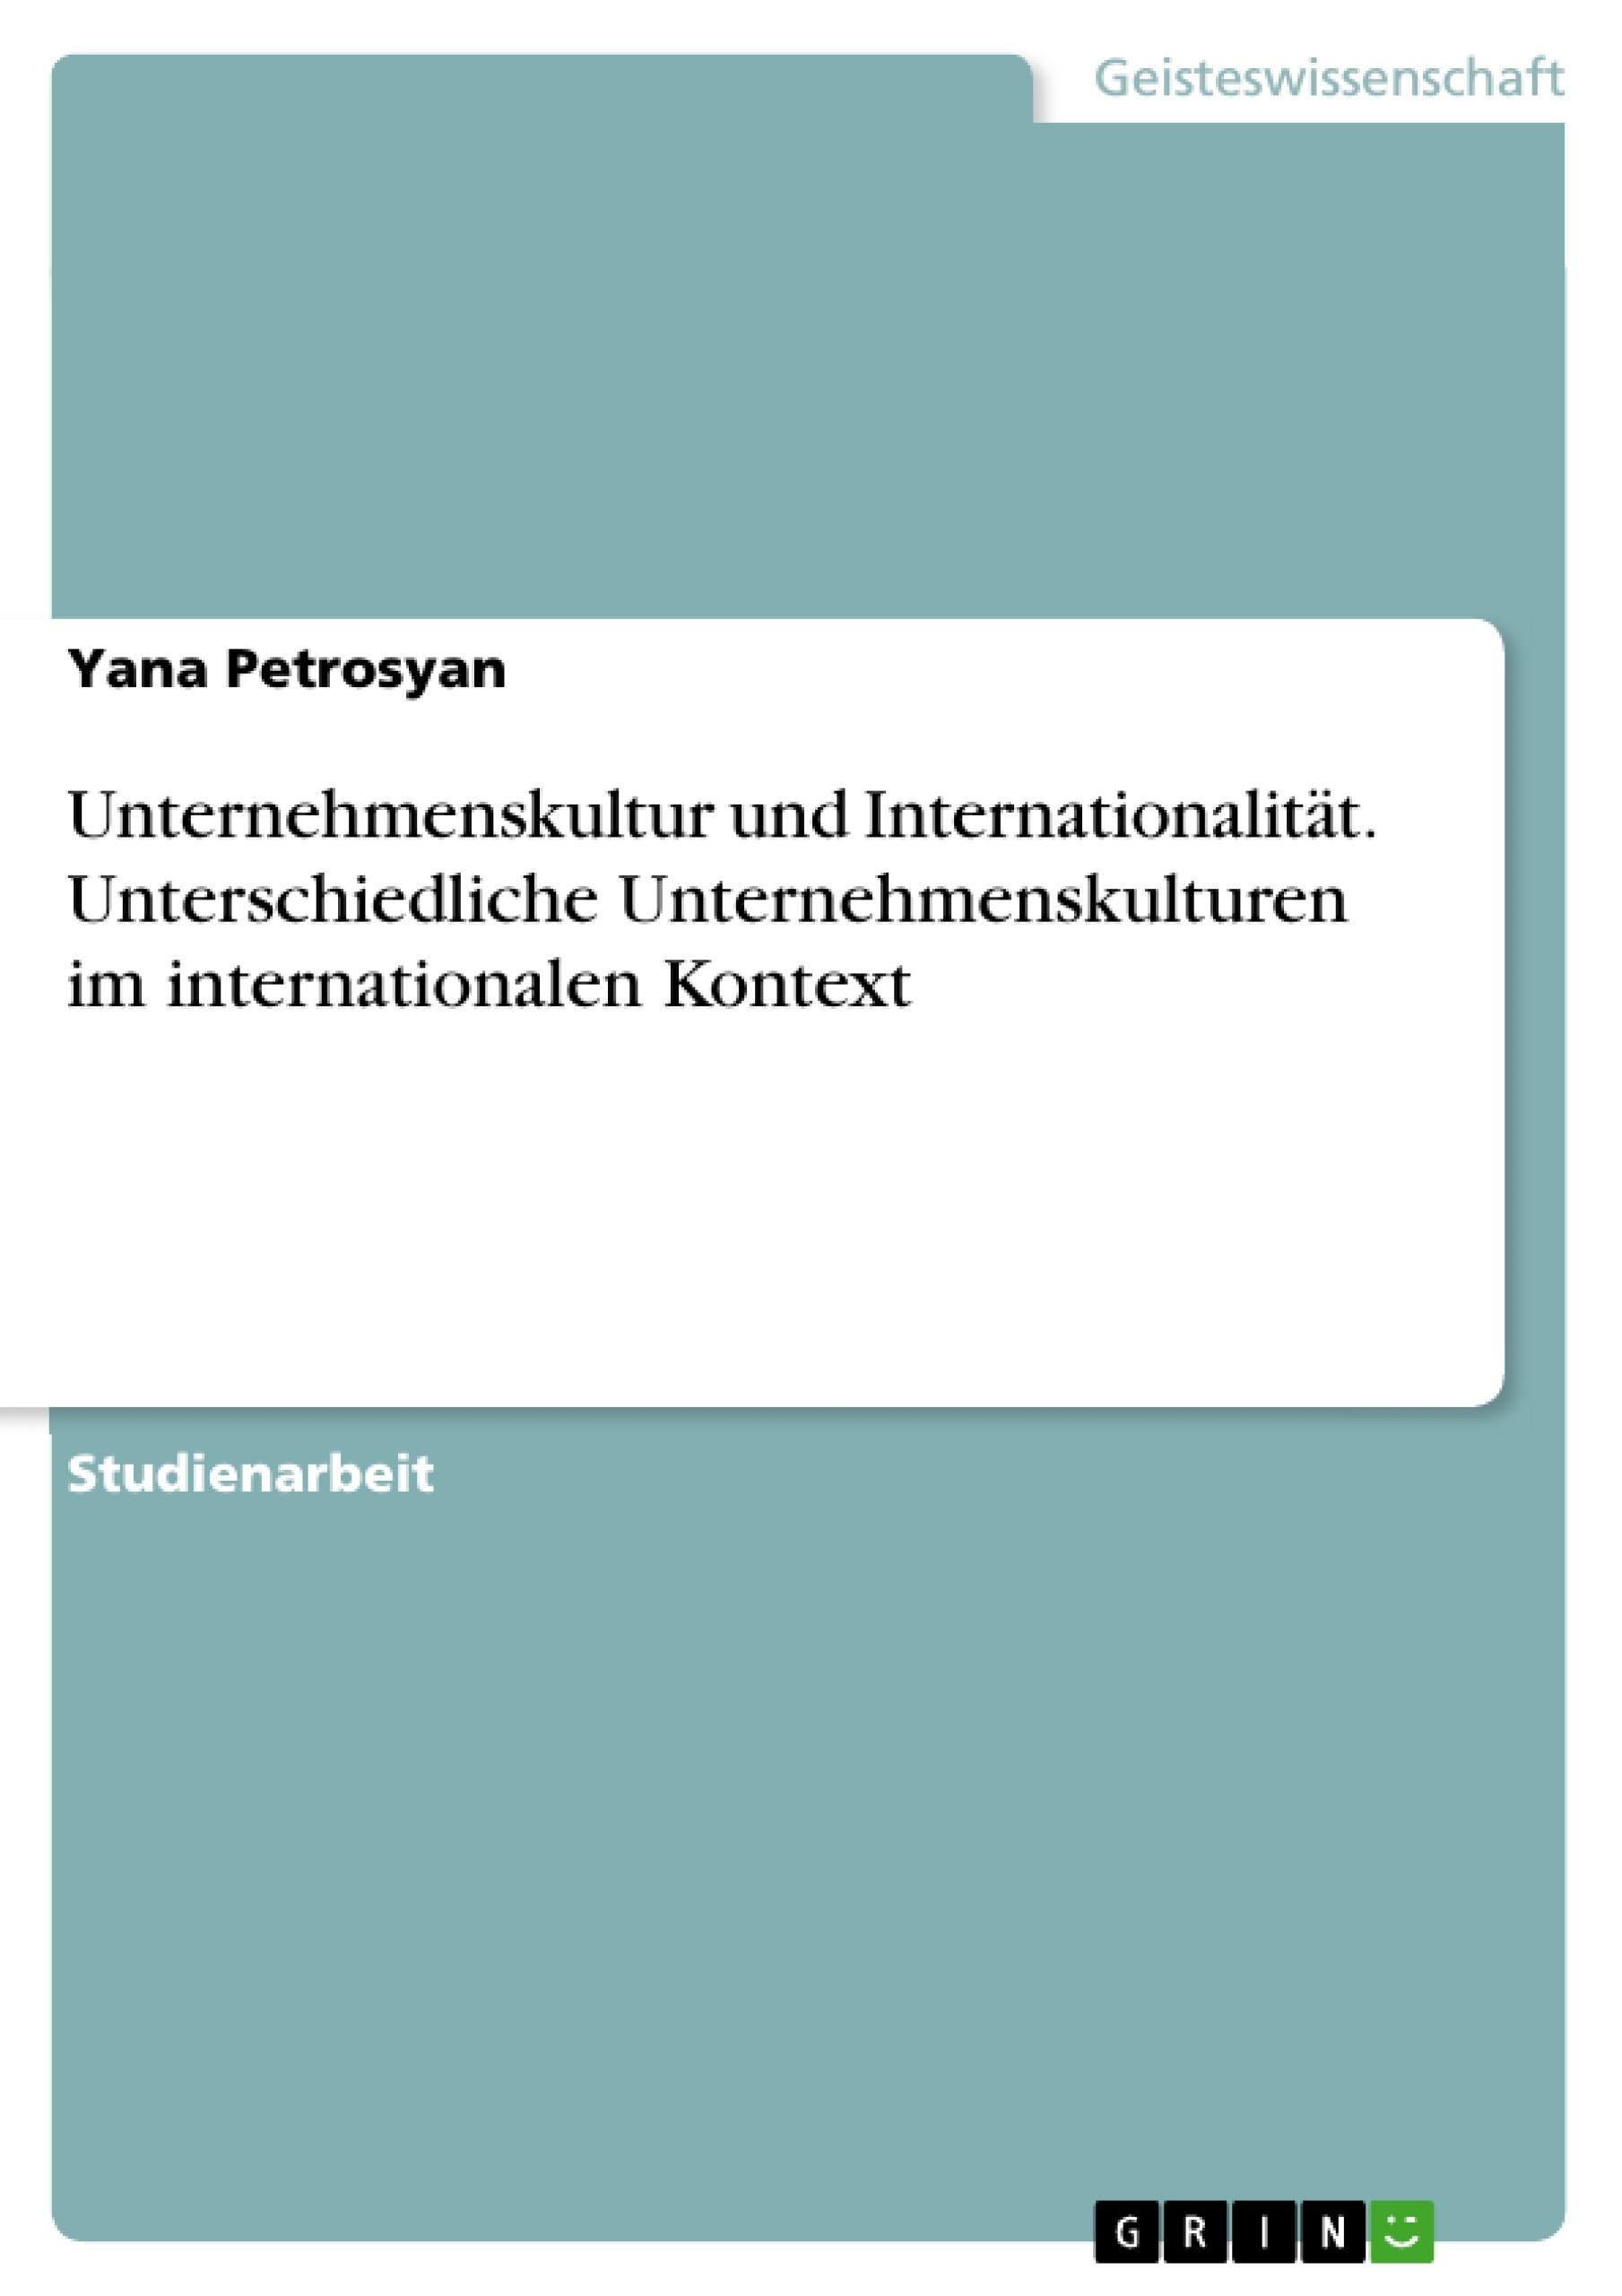 Titel: Unternehmenskultur und Internationalität. Unterschiedliche Unternehmenskulturen im internationalen Kontext